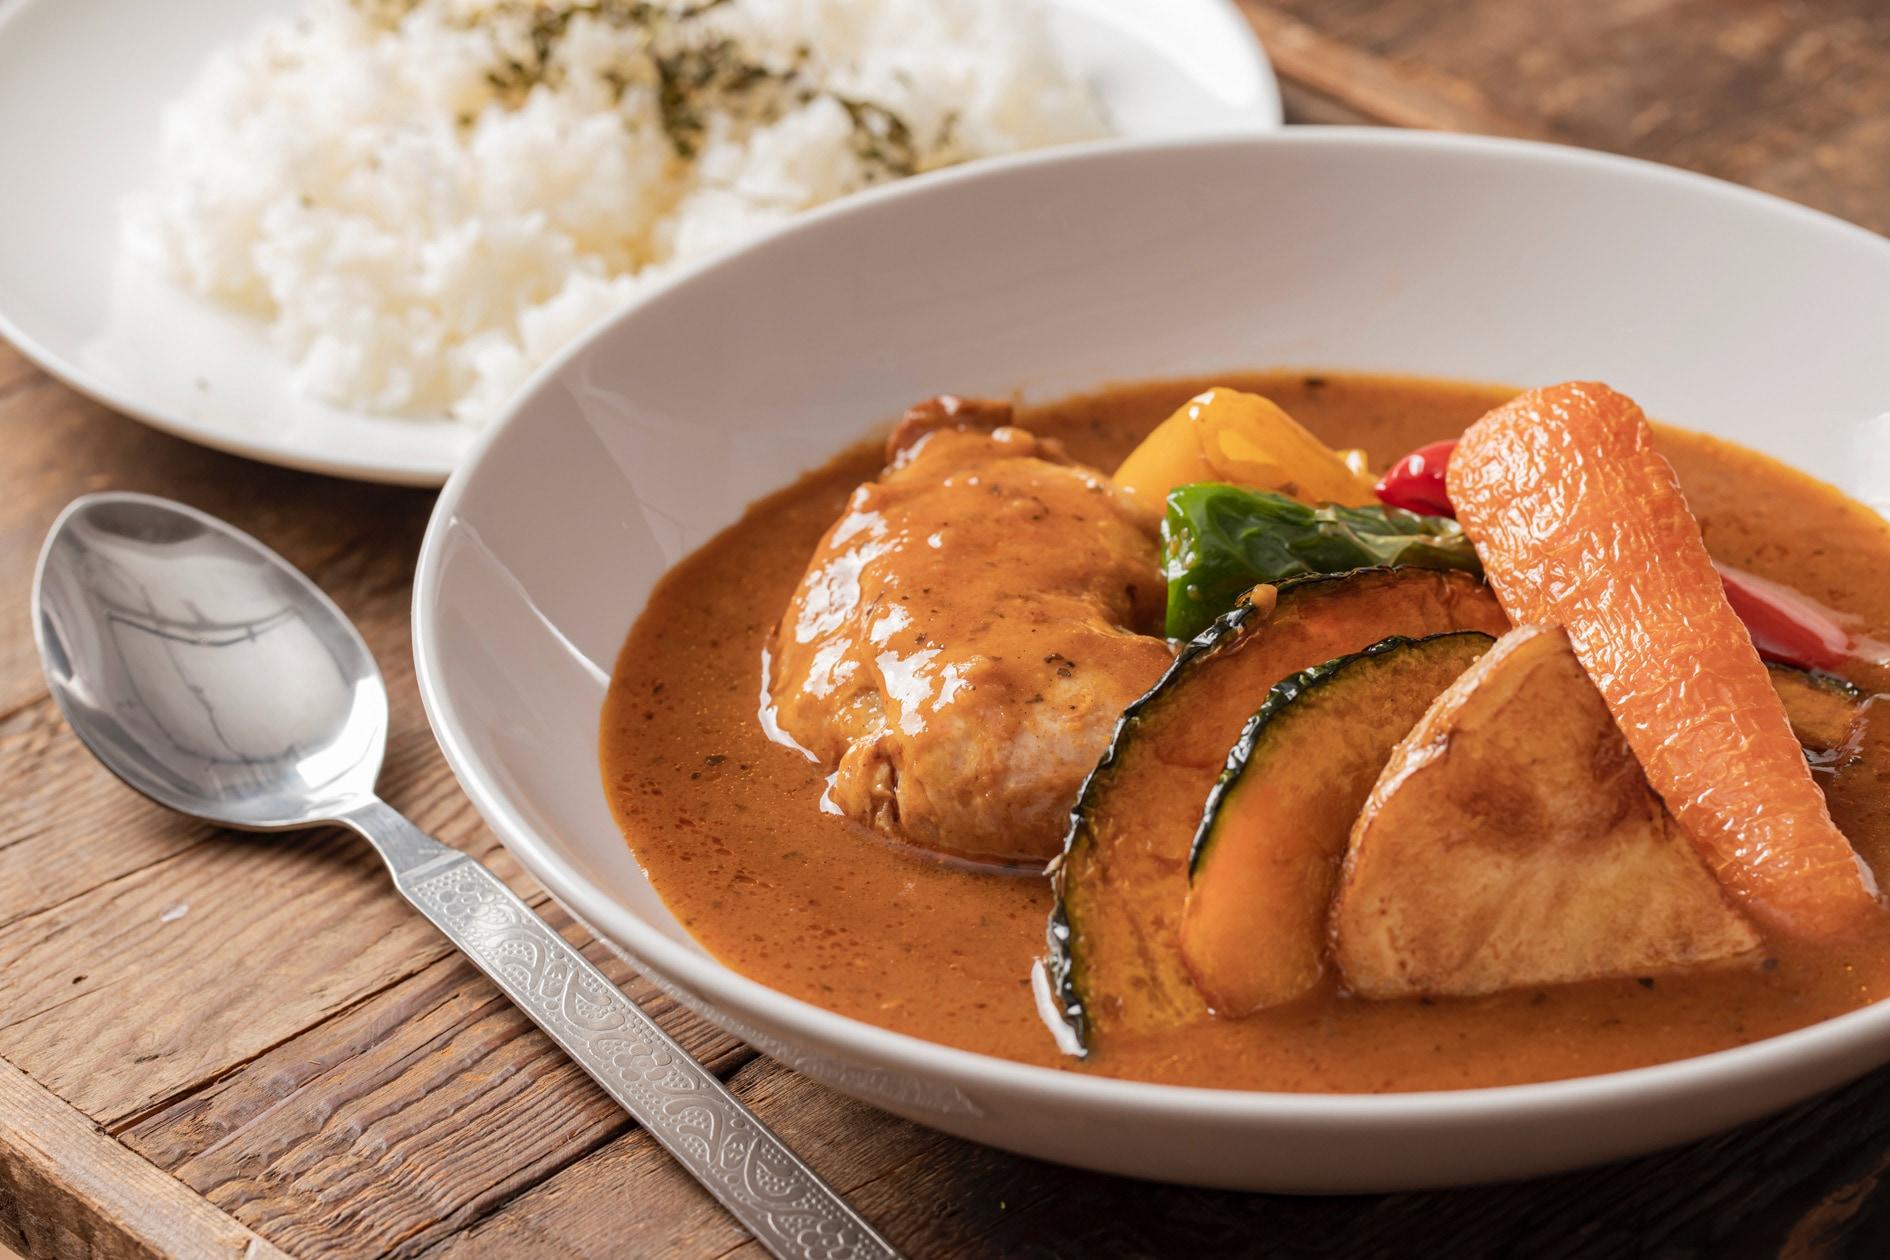 スープカリィ侍のレトルト商品「骨付きチキンのスープカレー」を調理して皿に盛り付ける,具材たっぷりのスープカレー・ライス・スプーン